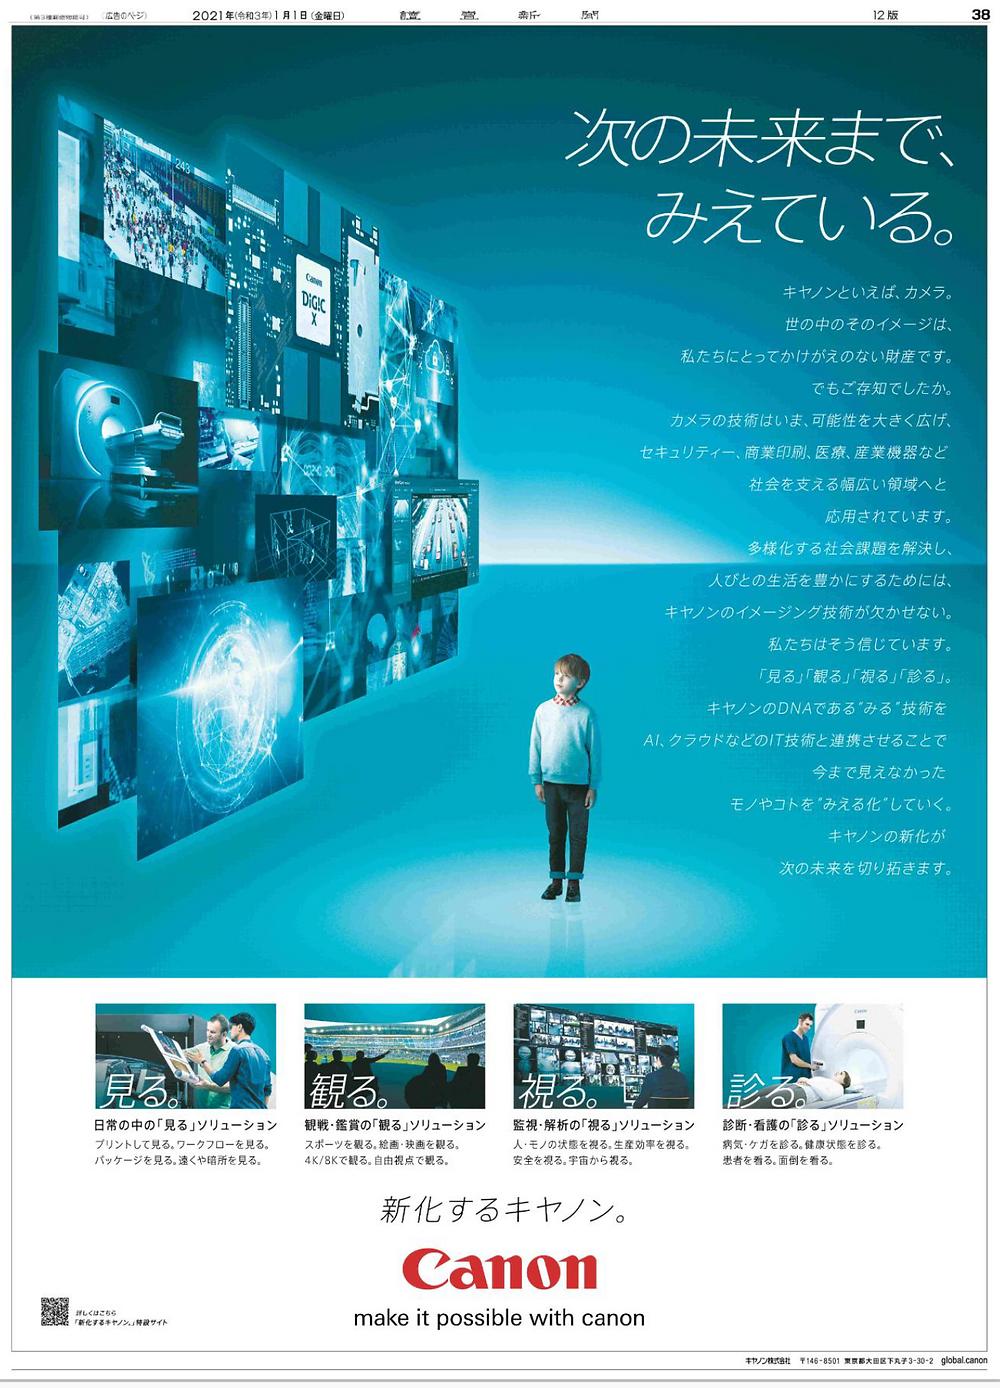 Canon, 次の未来まで、みえている。, 新化するキヤノン, 新聞広告,広告コピー, 広告レビュー,広告事例,コピーライティング